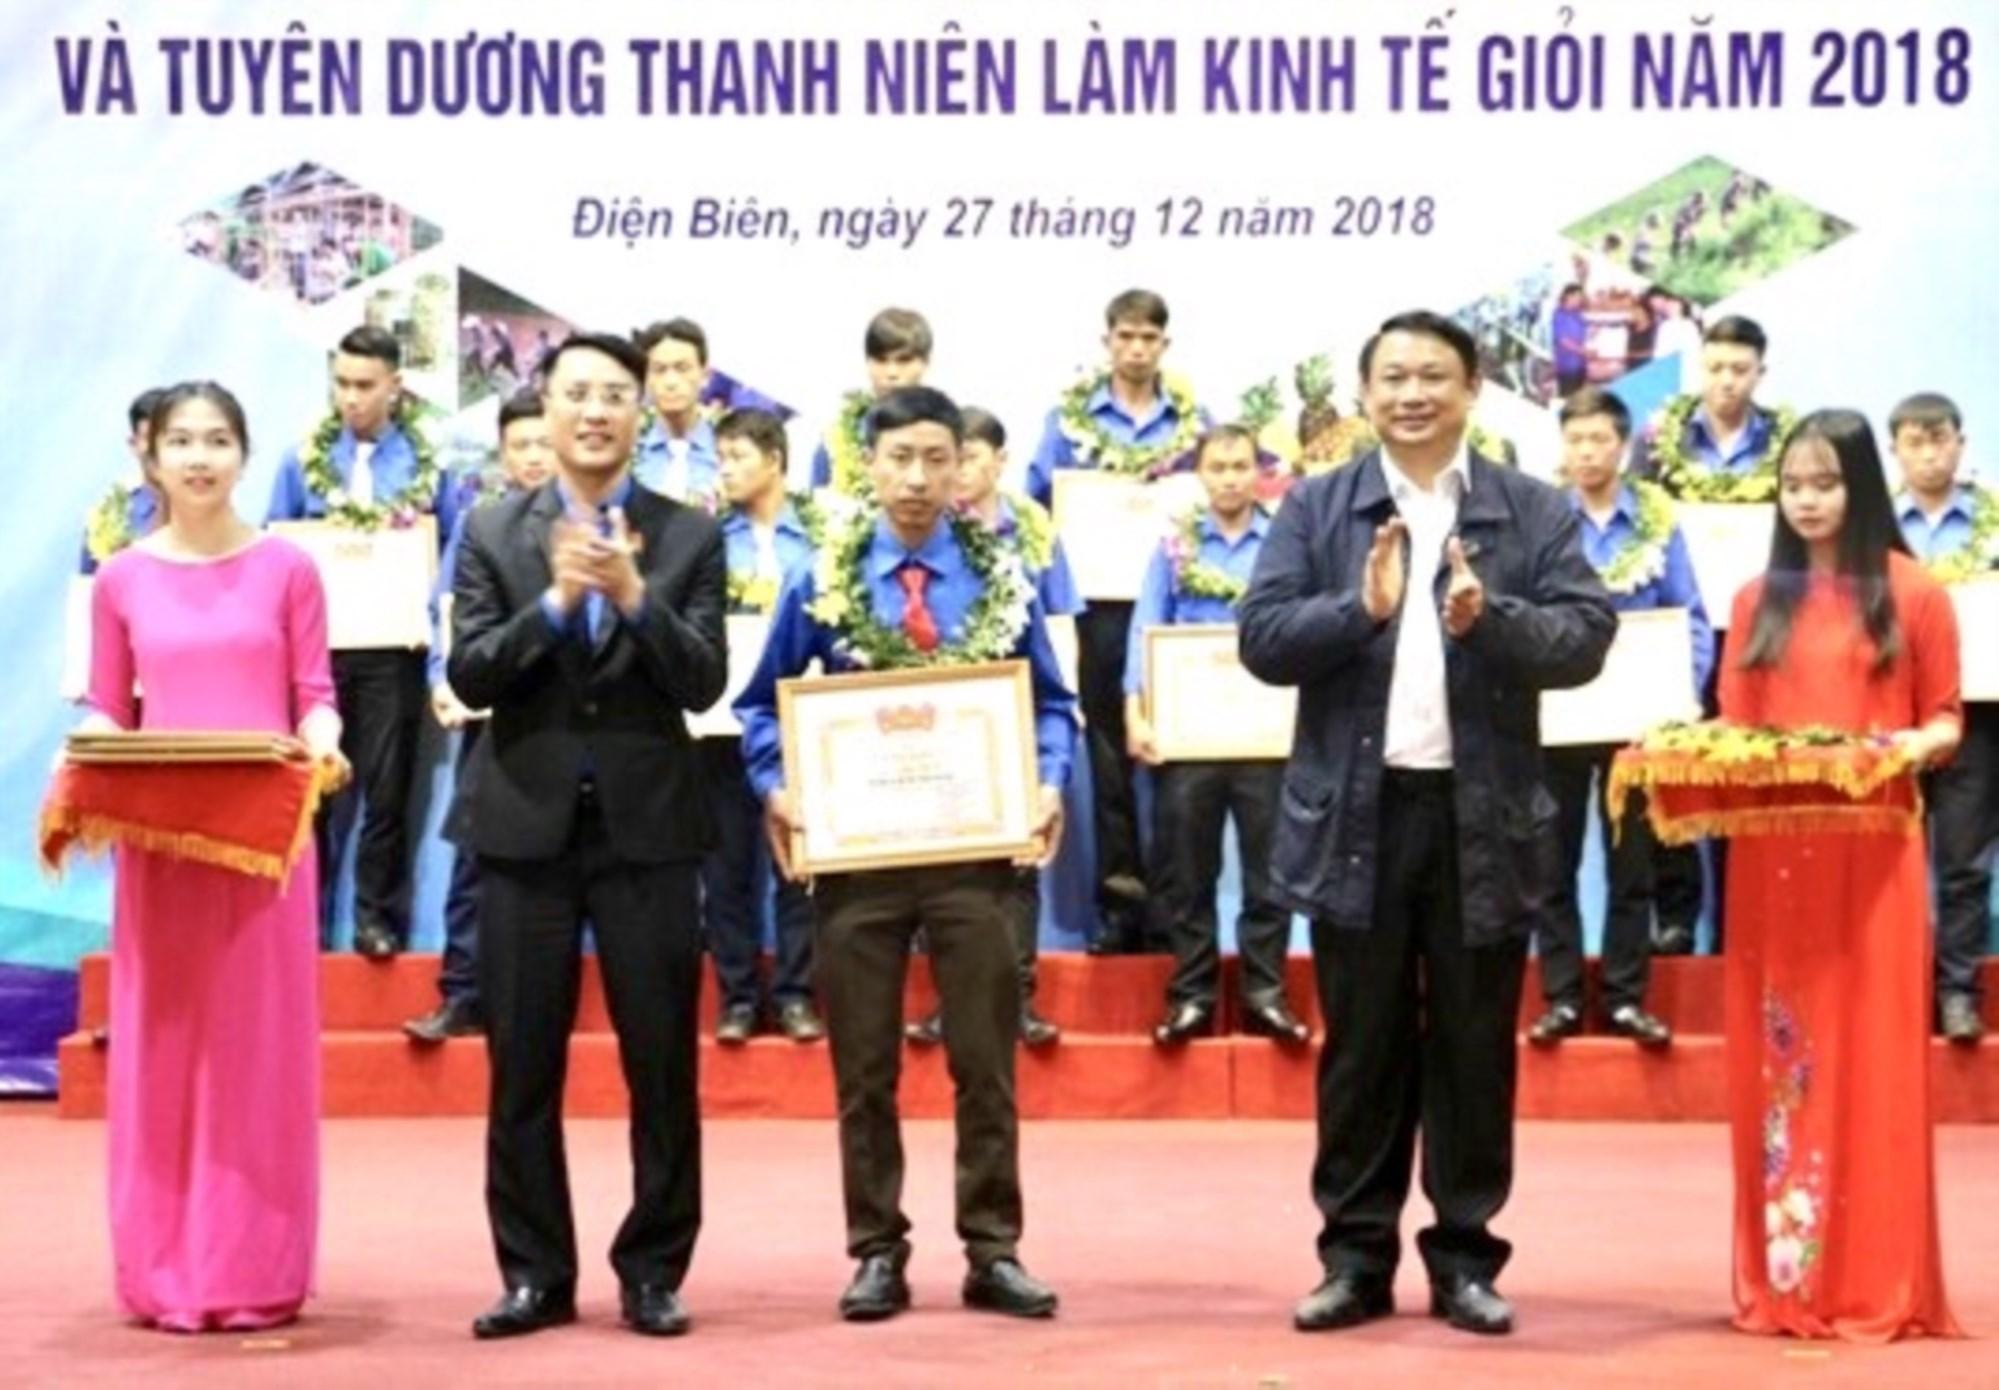 Chu Công Khánh được tôn vinh là thanh niên tiêu biểu trong phát triển kinh tế